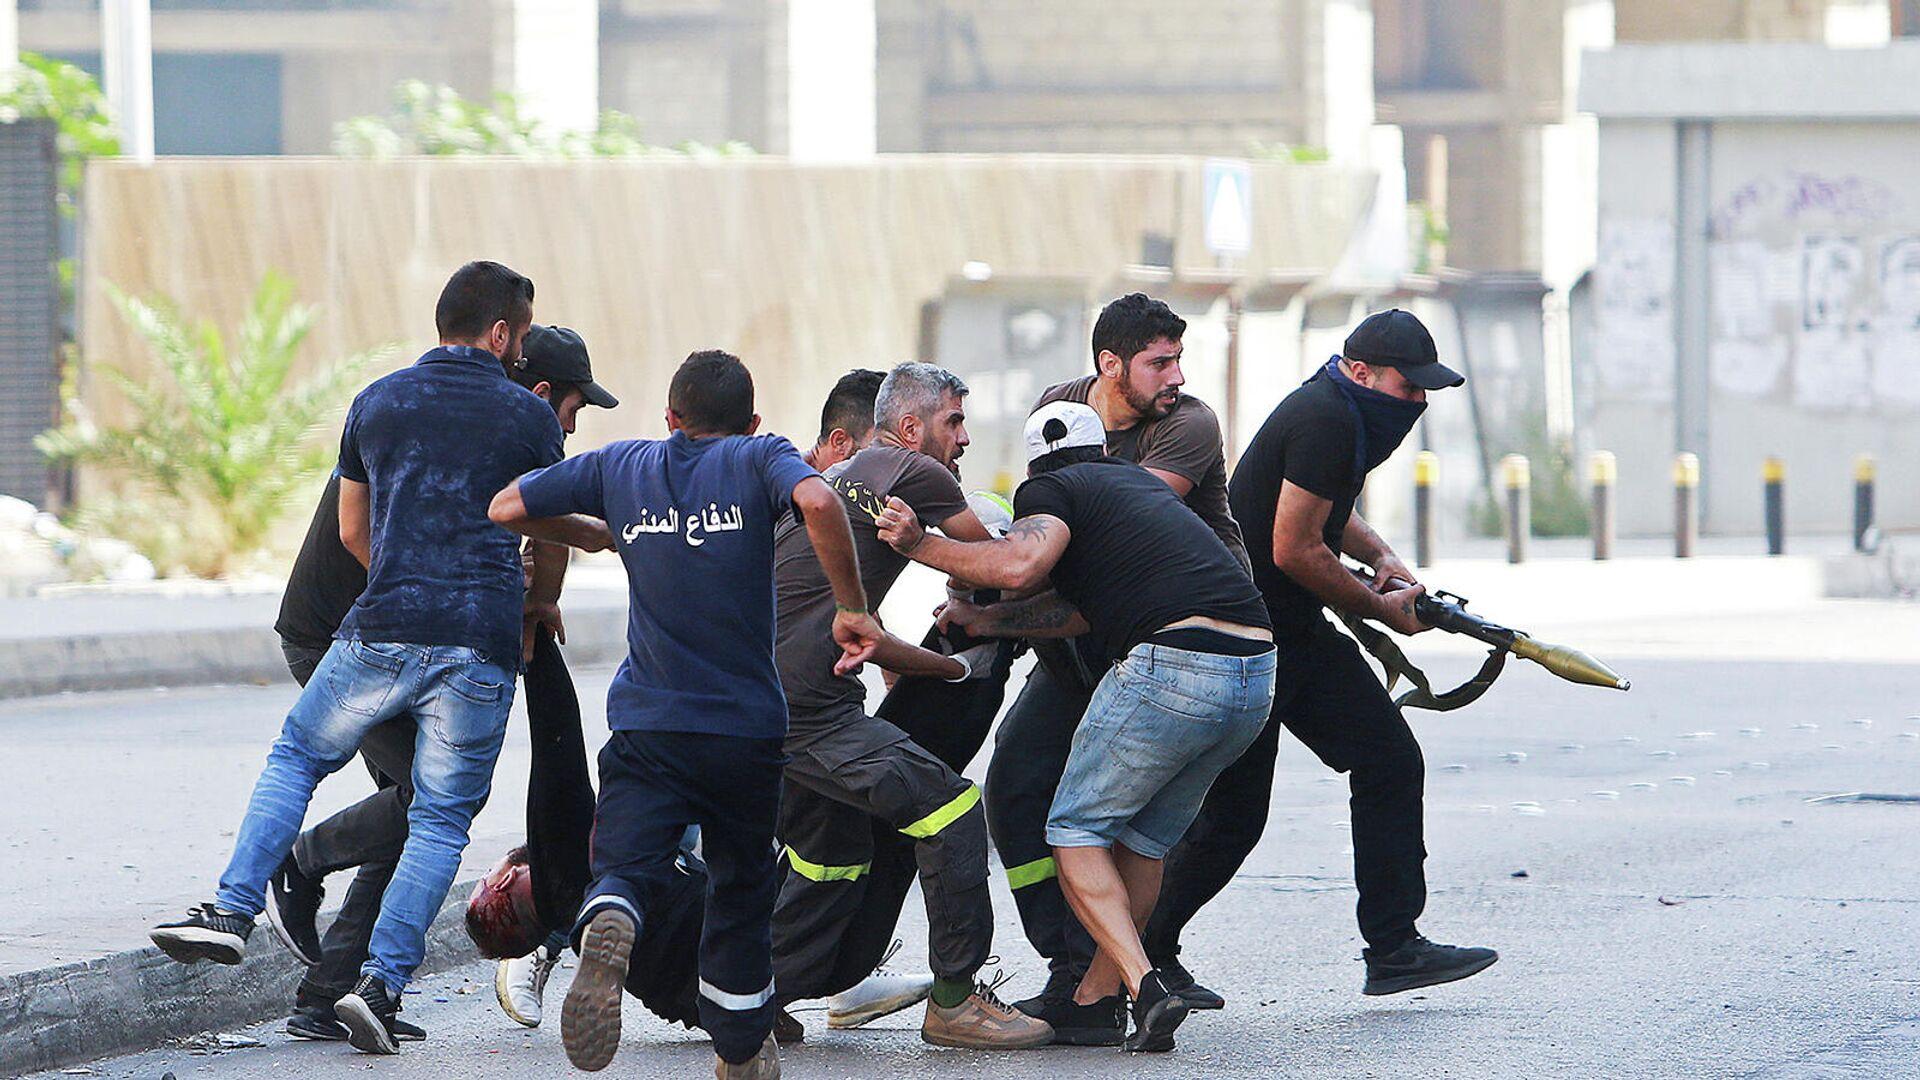 Люди эвакуируют пострадавшего после перестрелки (14 октября 2021). Бейрут - Sputnik Армения, 1920, 14.10.2021